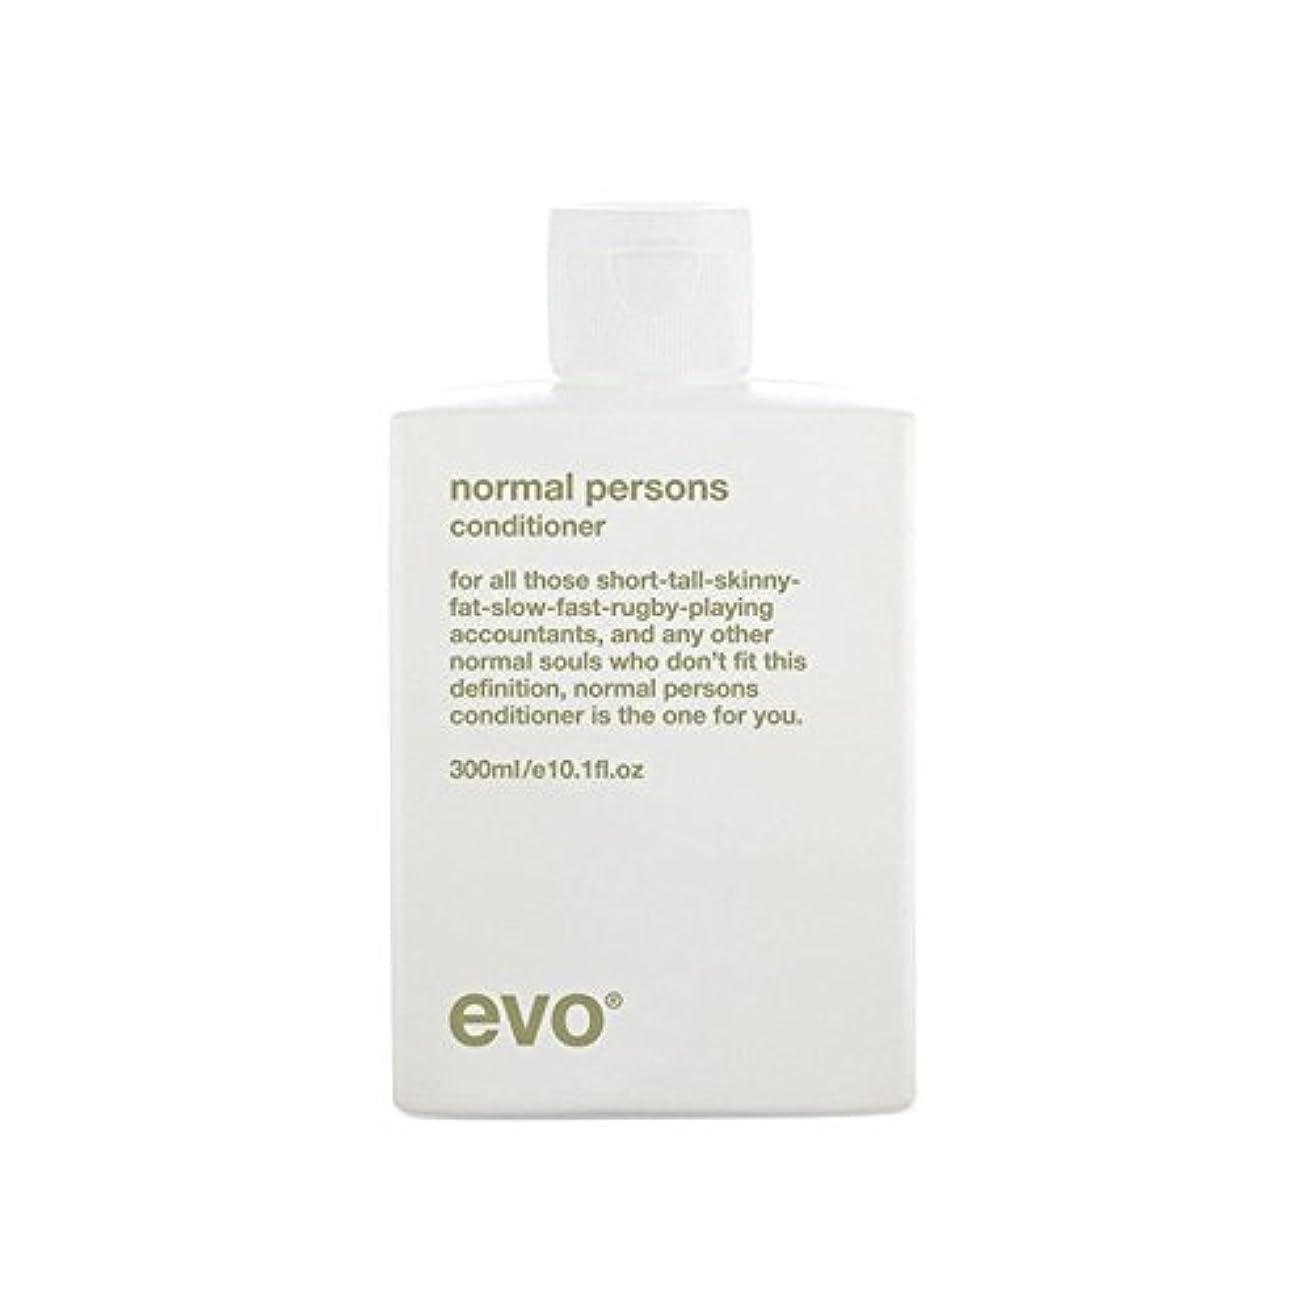 月曜エクスタシー満足させるエボ正常人コンディショナー(300ミリリットル) x2 - Evo Normal Persons Conditioner (300ml) (Pack of 2) [並行輸入品]